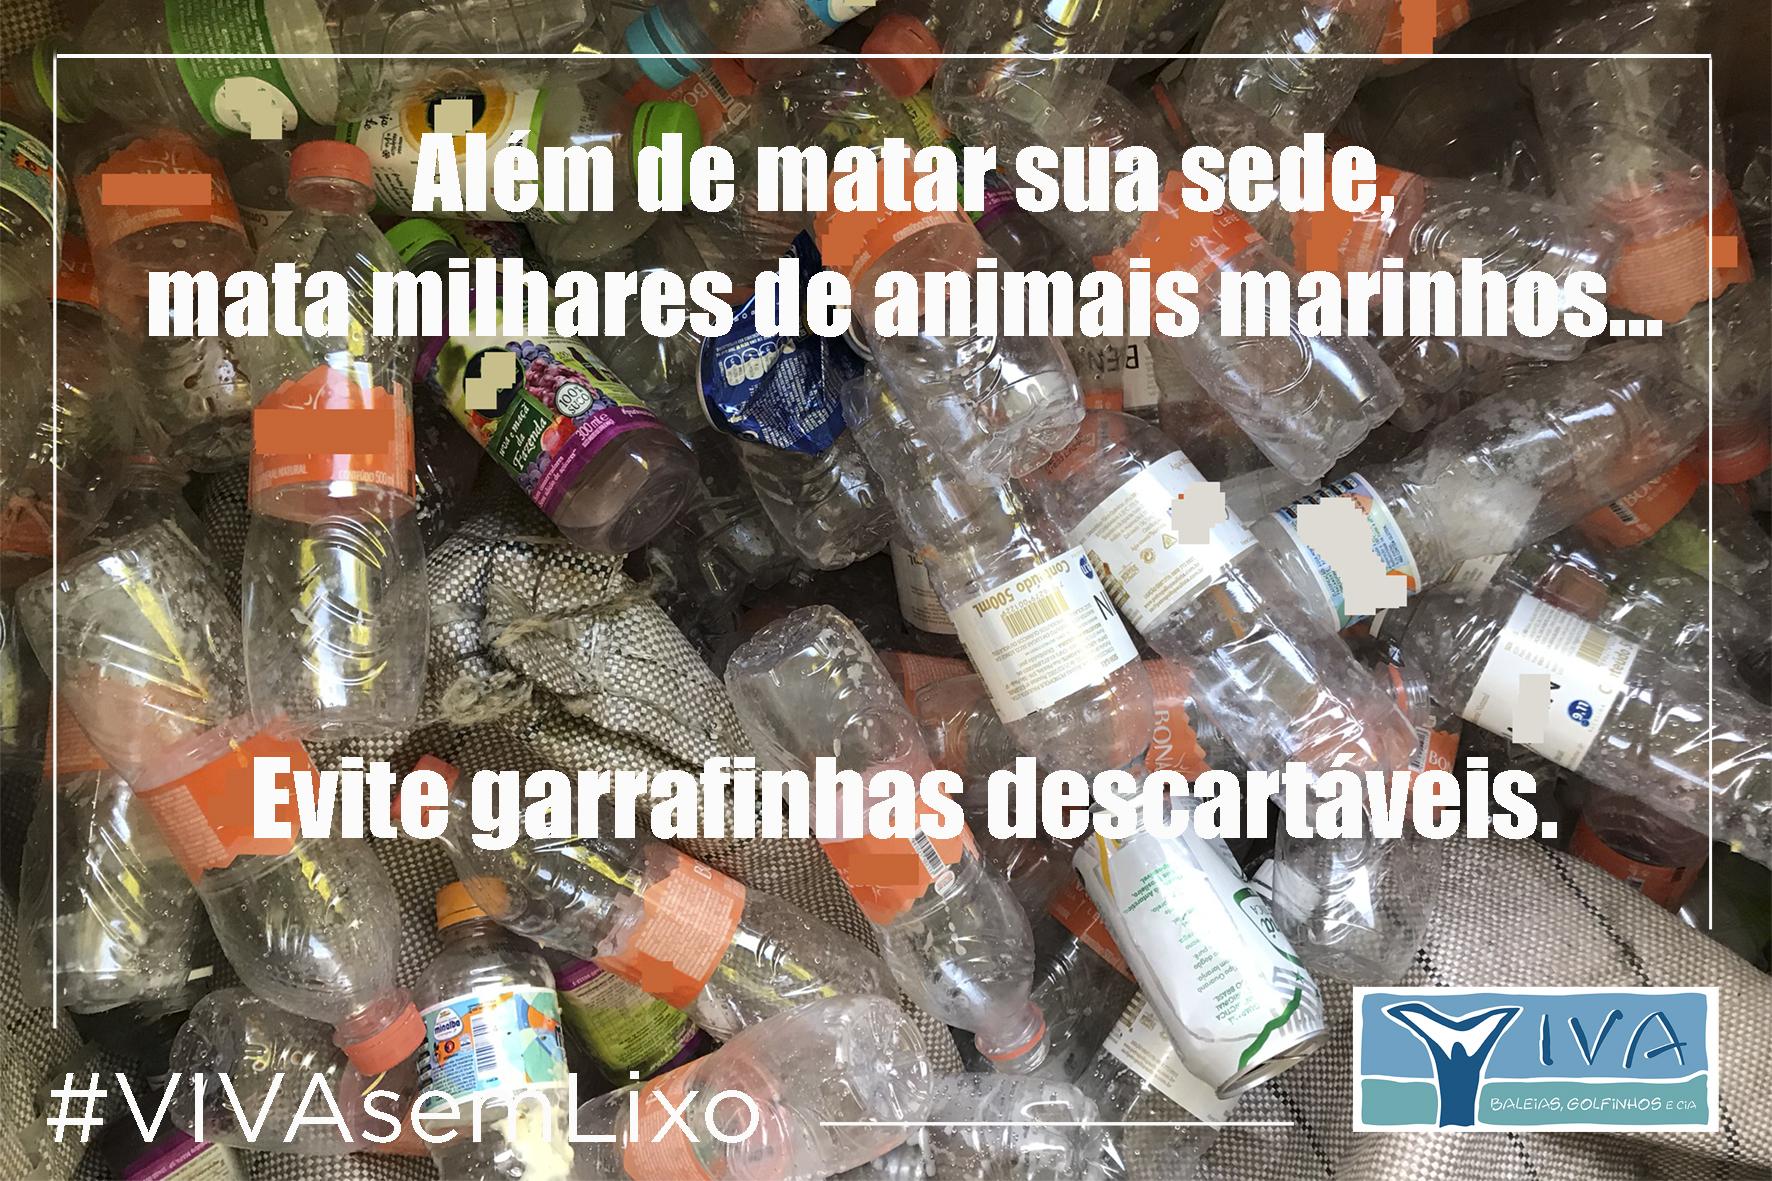 Mata milhares de animais marinhos garrafinhas EVITE 2 10 15